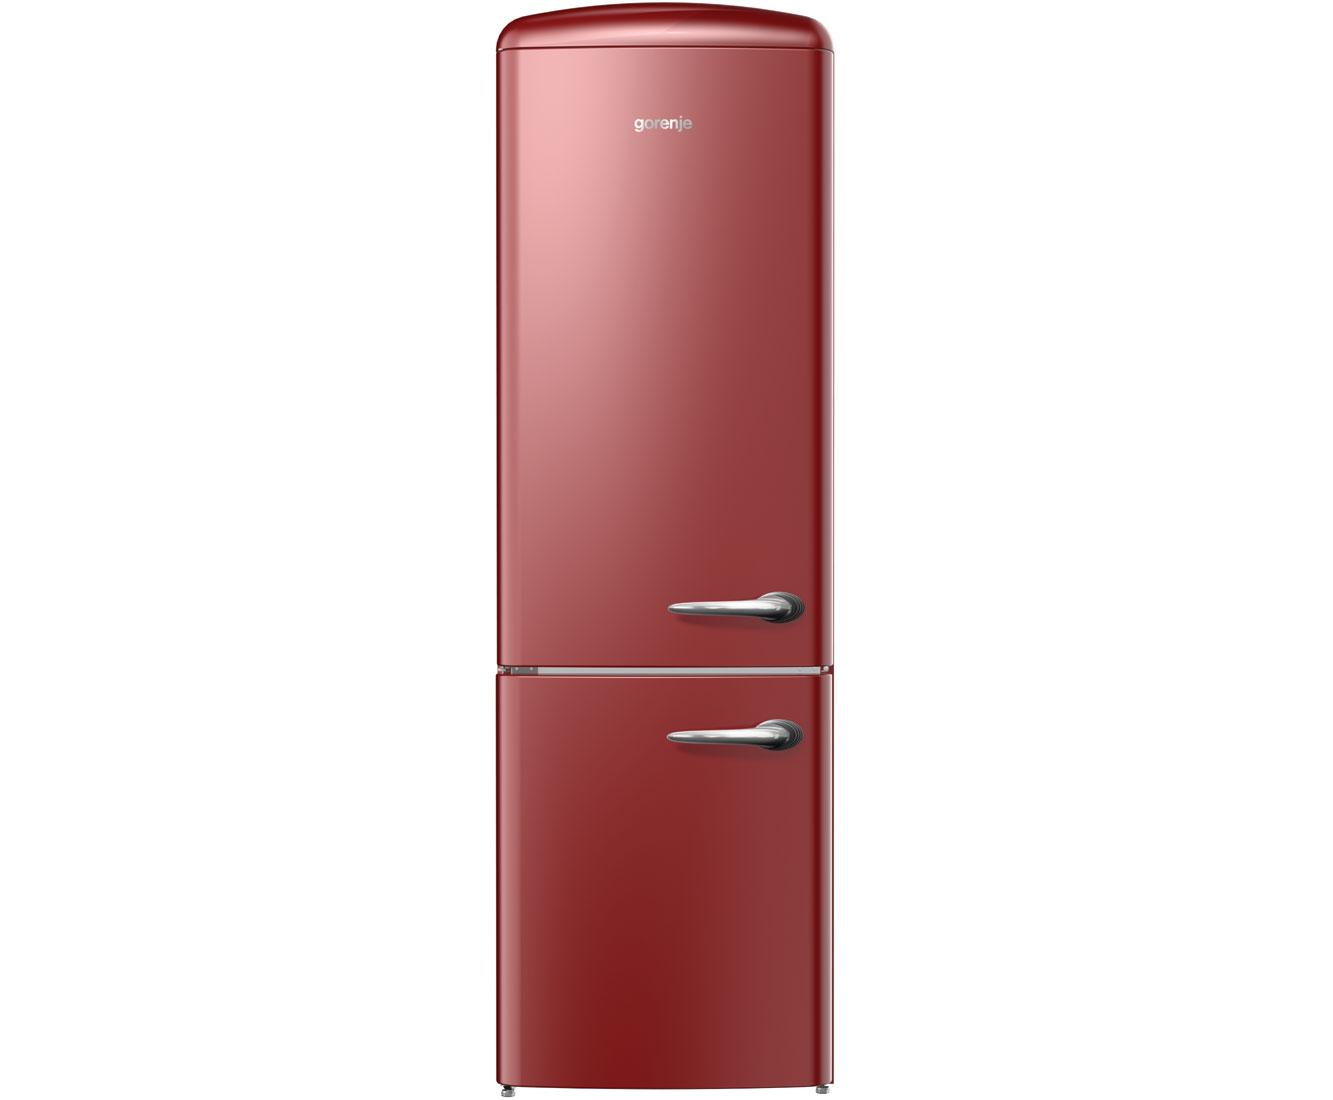 Retro Kühlschrank Rot Gorenje : Gorenje kühlschränke das sagen die tests testit